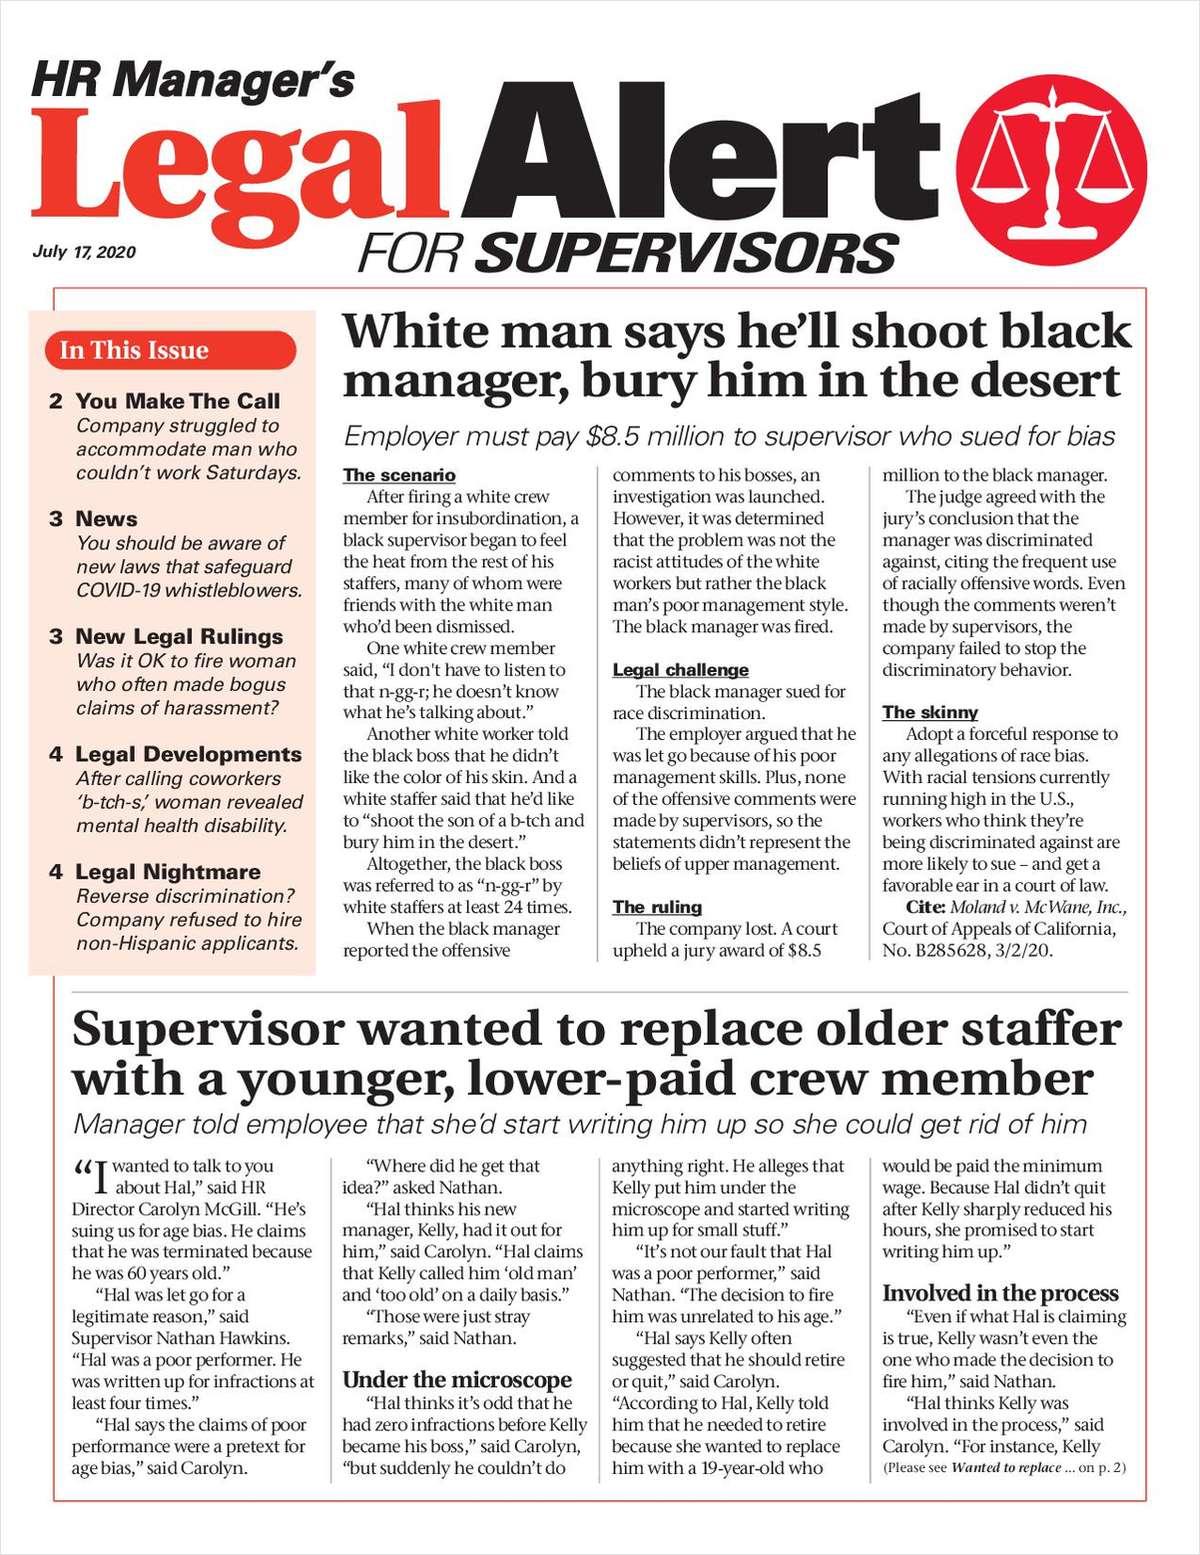 HR Manager's Legal Alert For Supervisors Newsletter